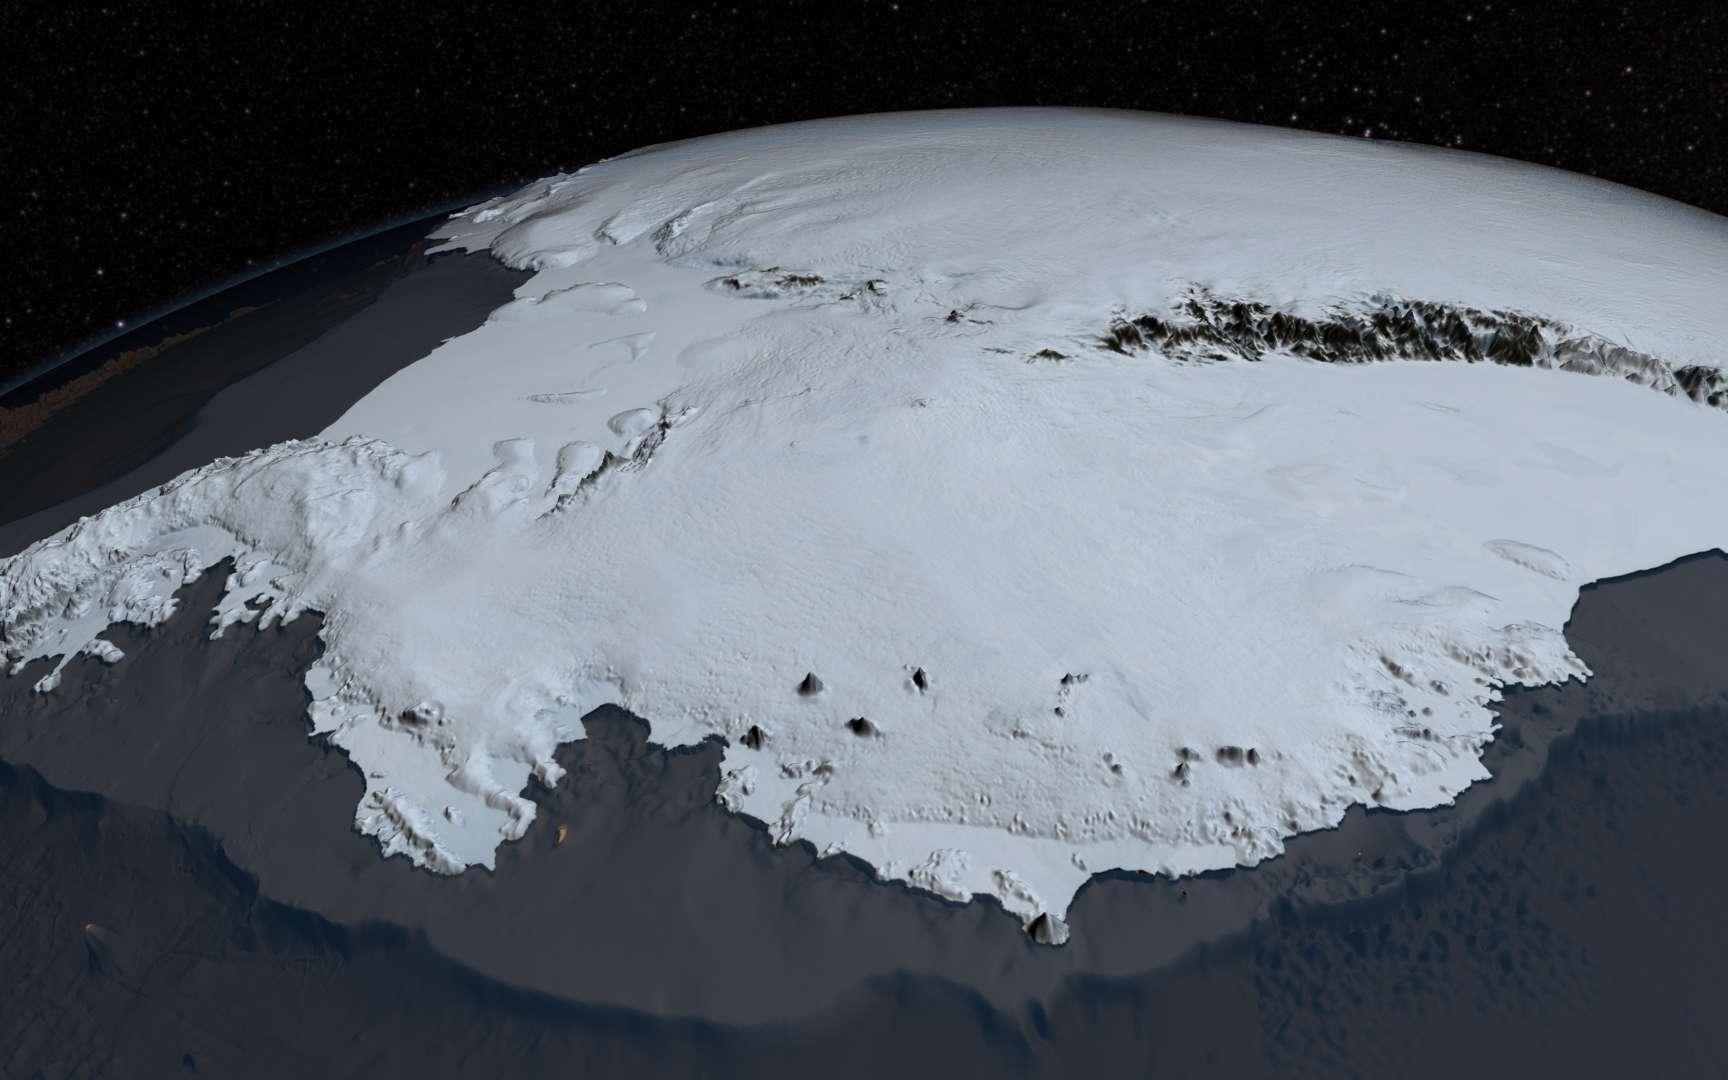 Voici le plus grand désert du monde : l'Antarctique. Bien qu'il soit recouvert de glace, c'est un des endroits les plus secs au monde. © Nasa, Goddard Space Flight Center